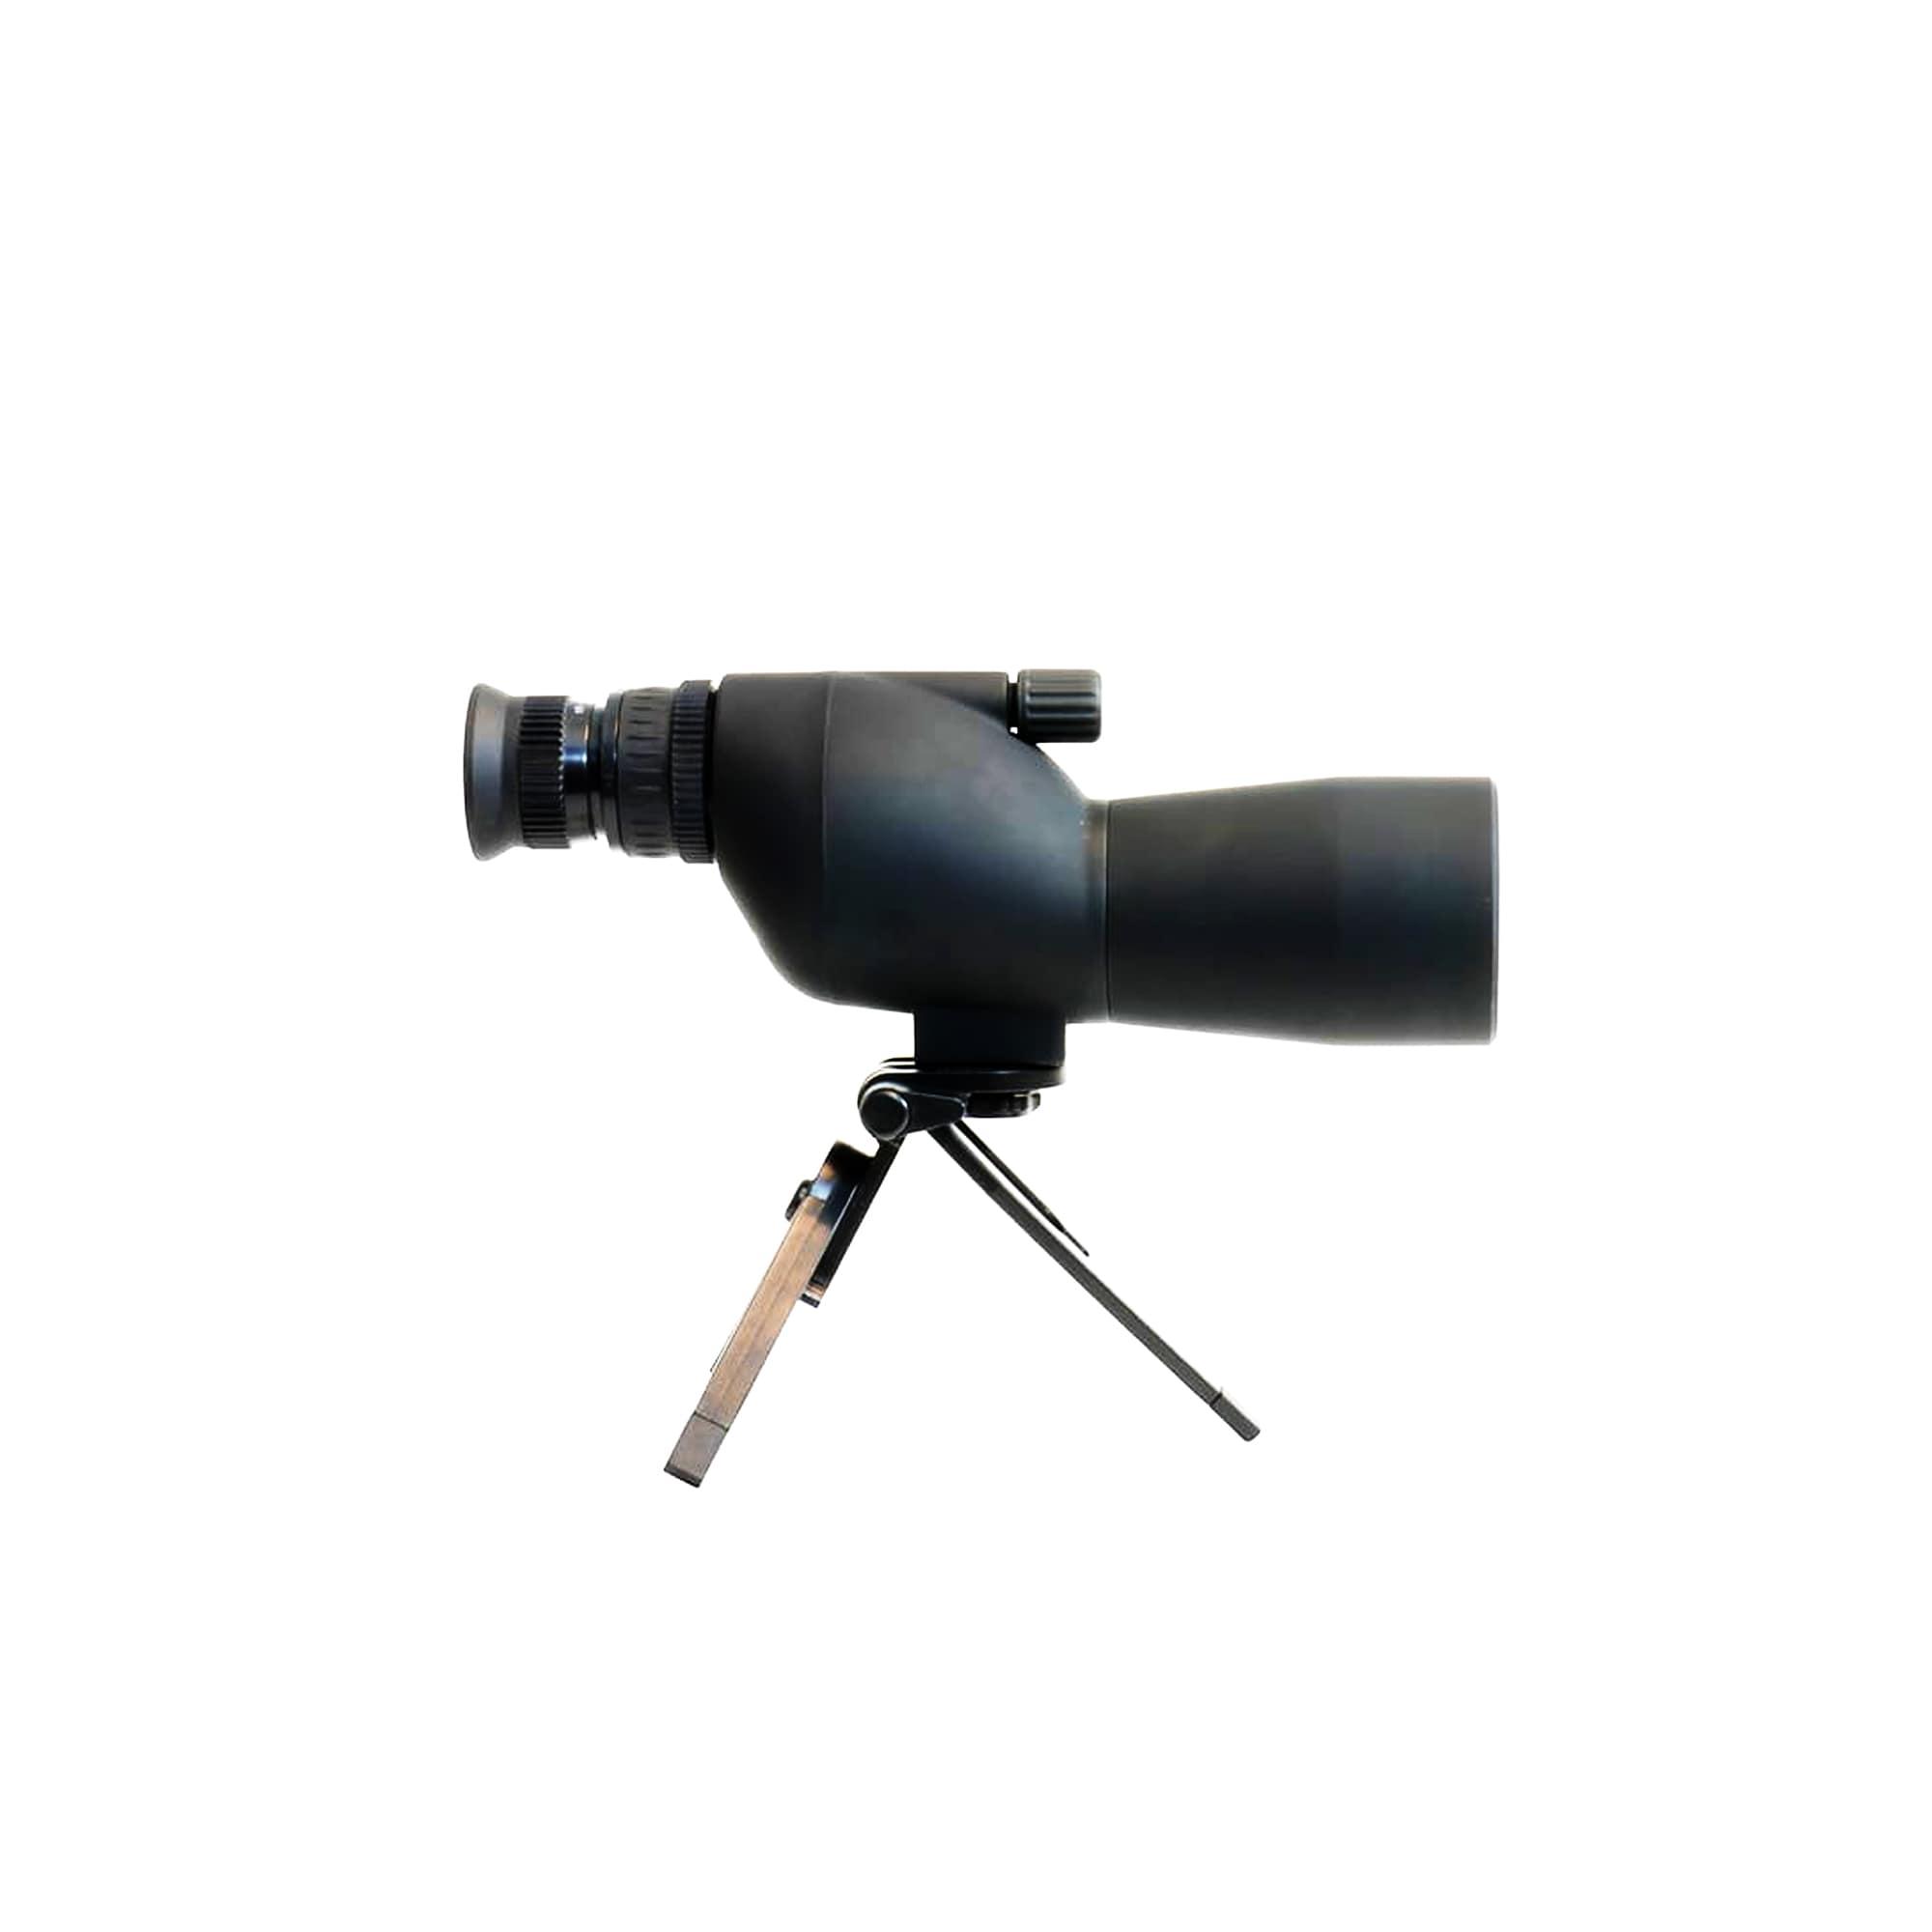 Focus Bristol 15-40x50